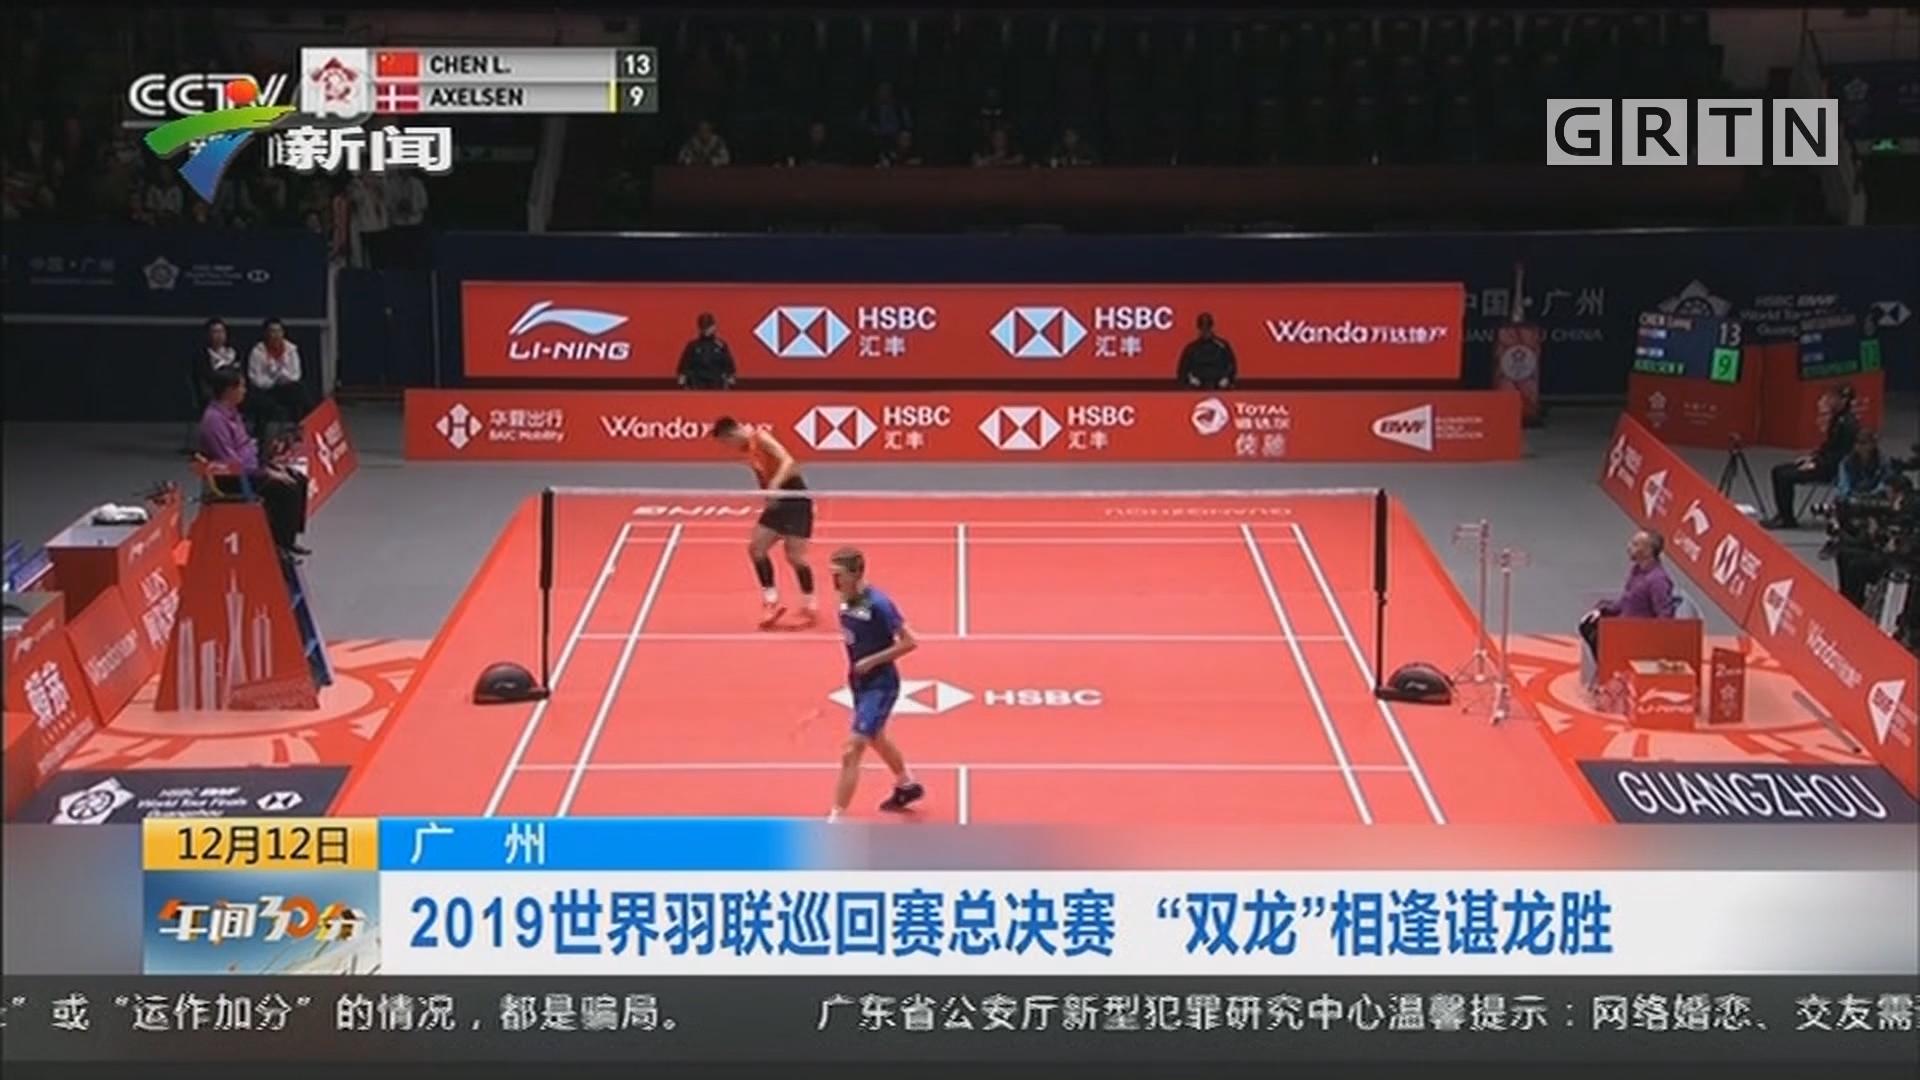 """广州:2019世界羽联巡回赛总决赛 """"双龙""""相逢谌龙胜"""